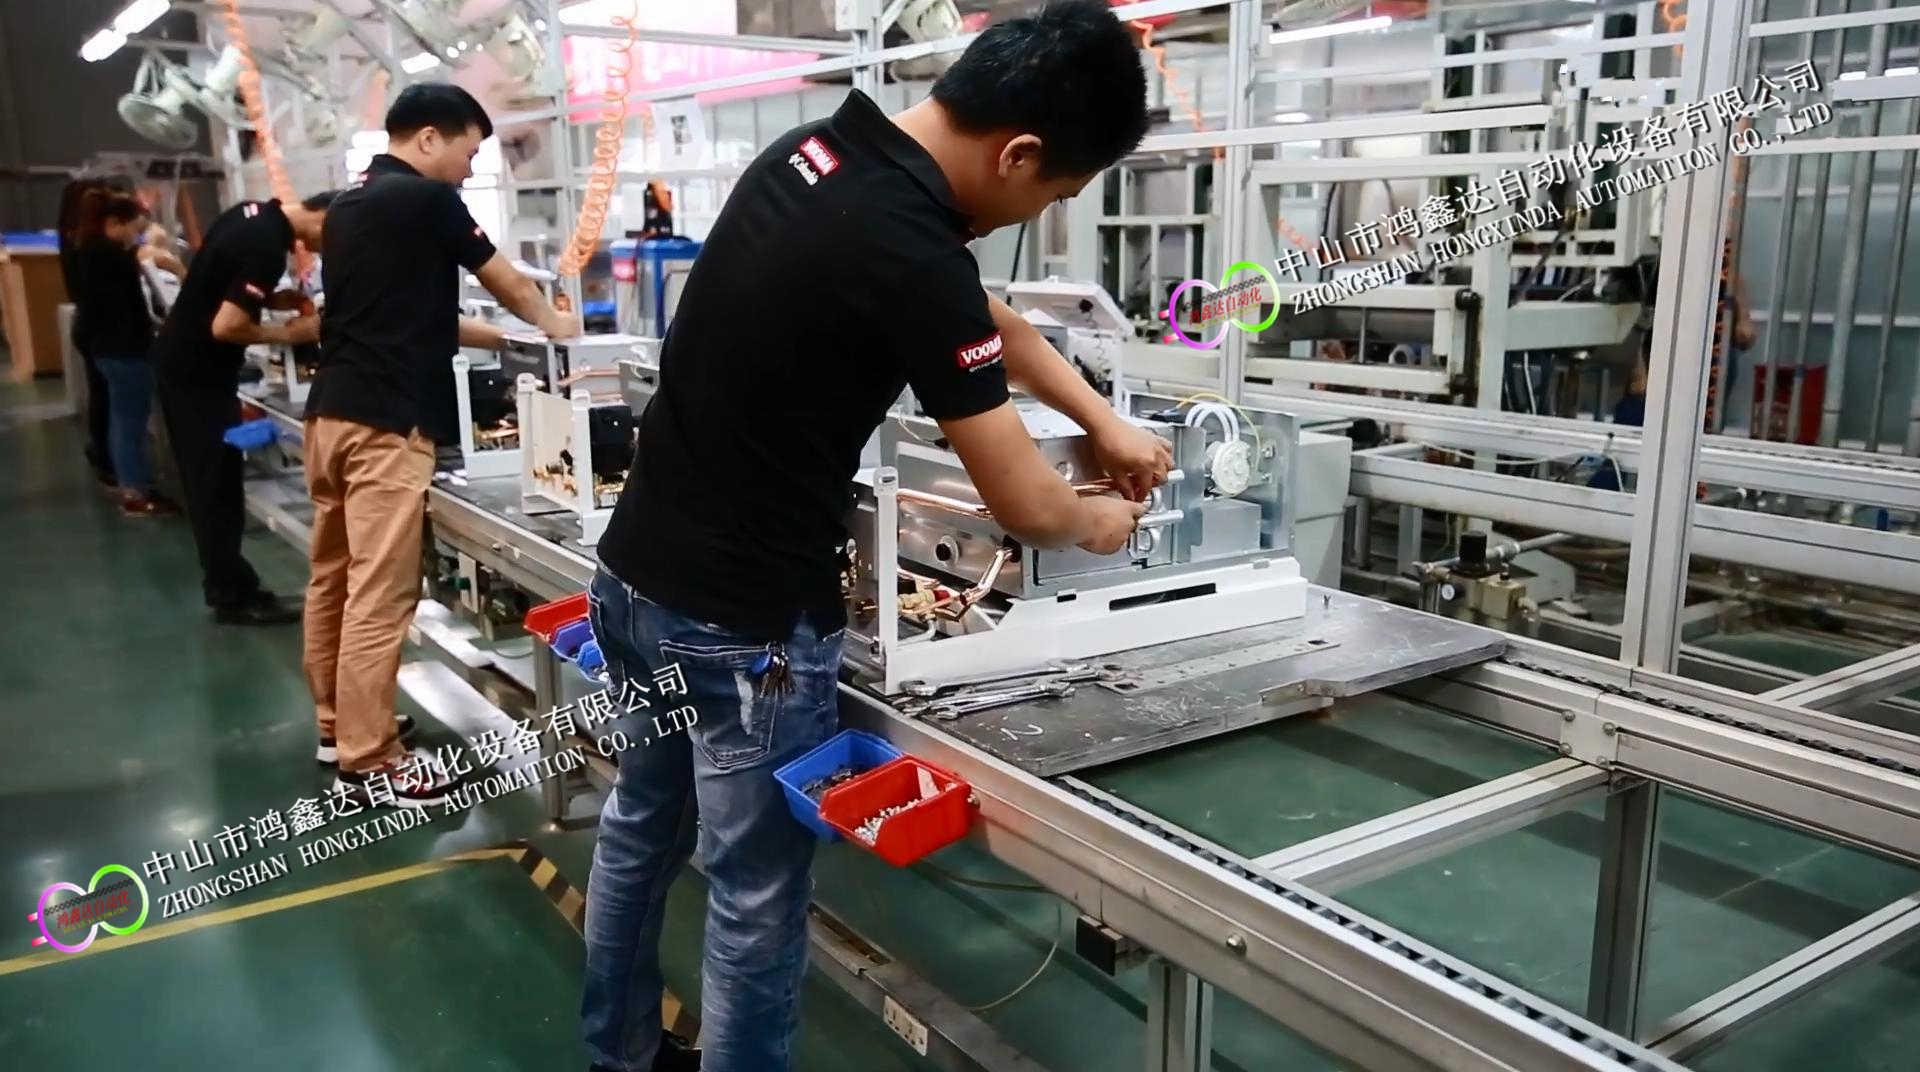 瑞马燃气壁挂炉生产检测设备及新增生产线展示-1080_20180117113422.JPG